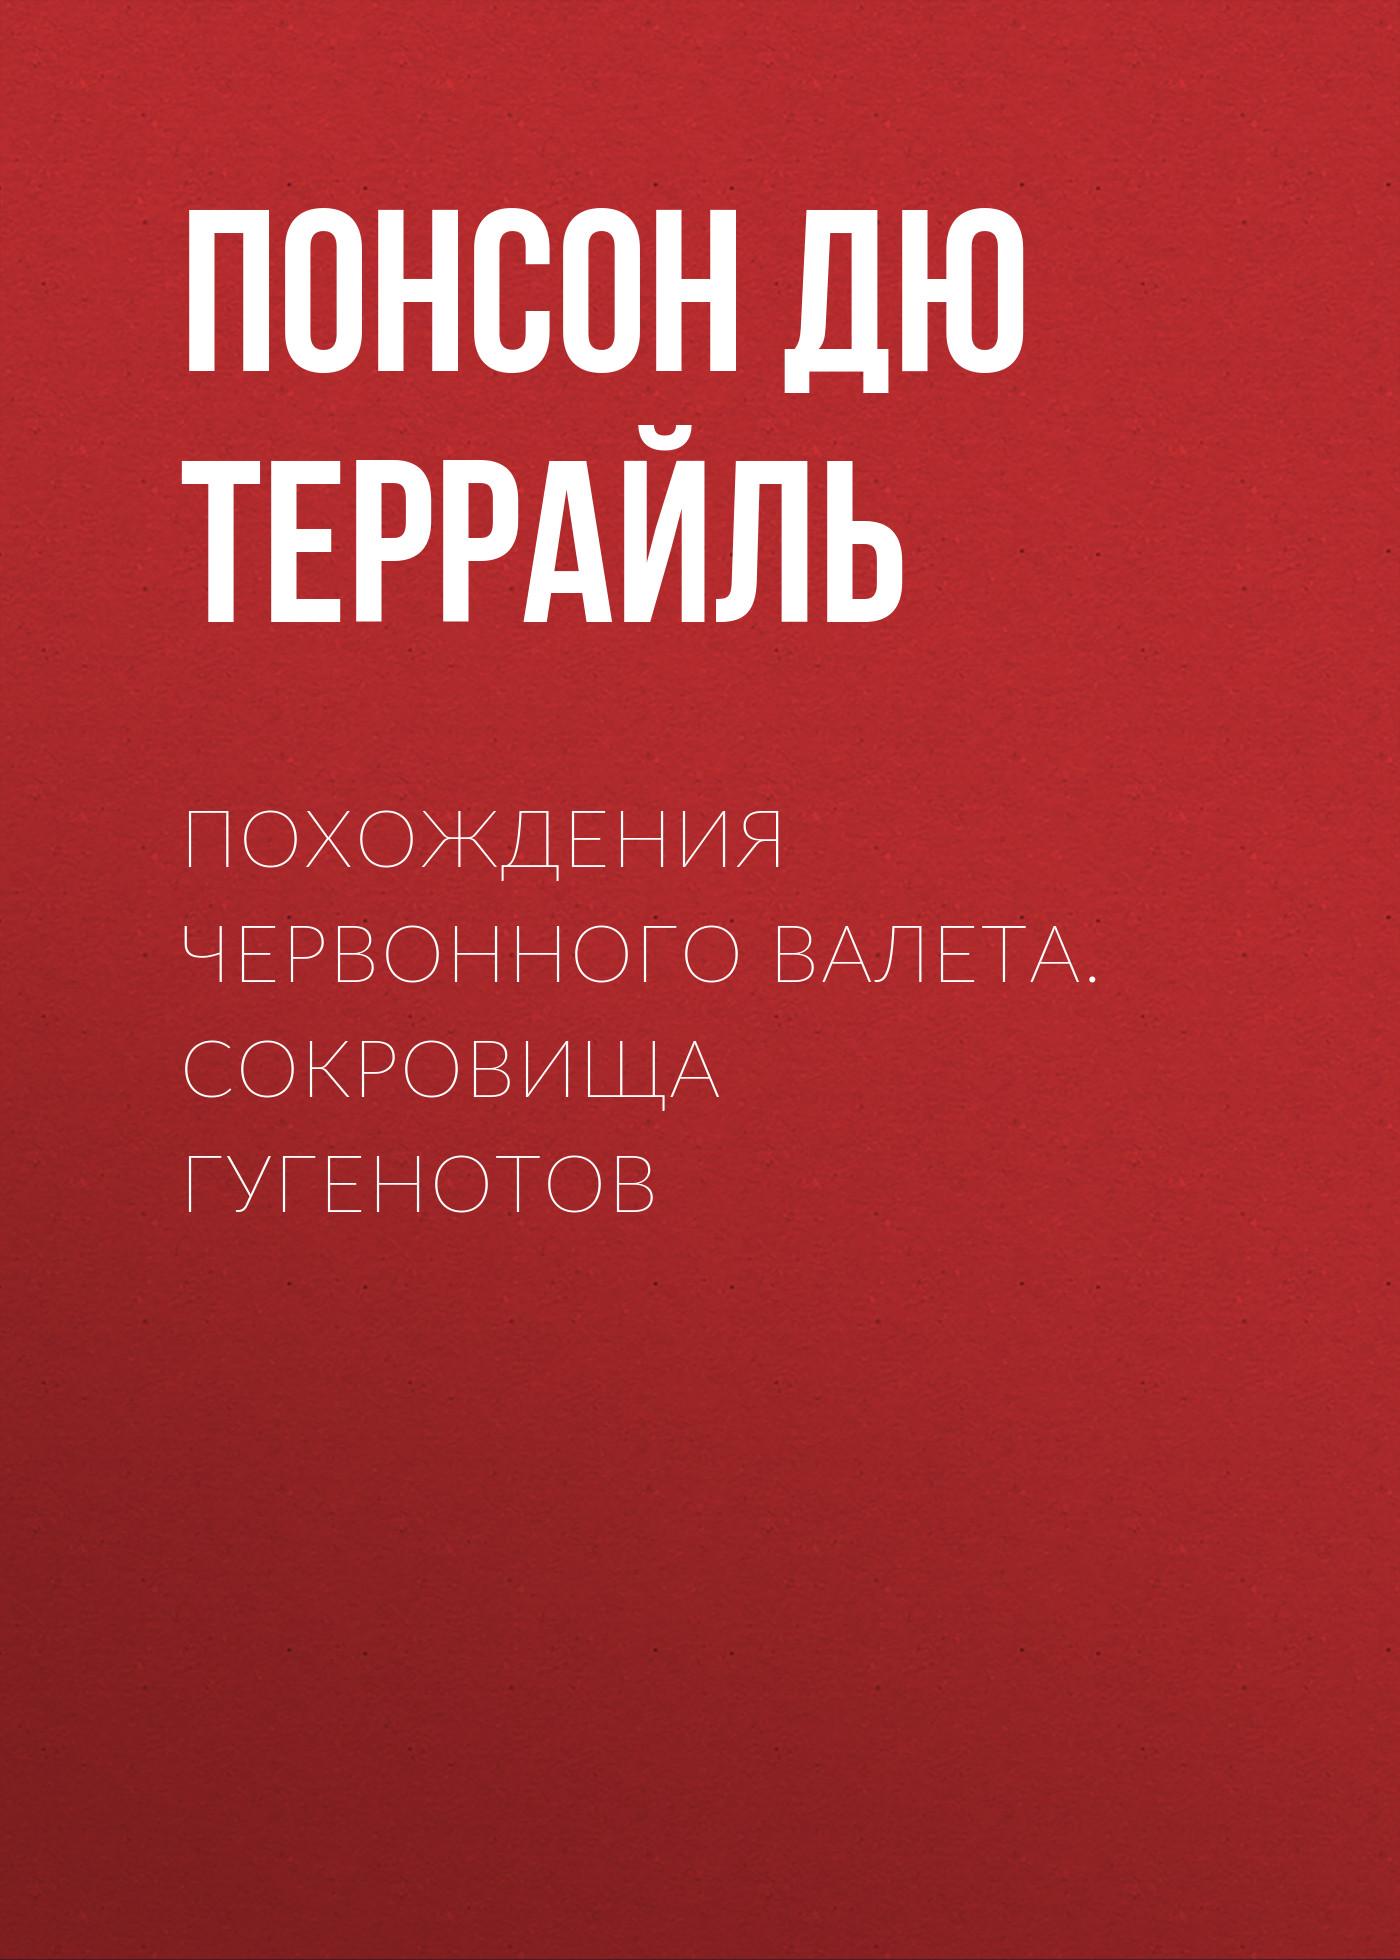 pokhozhdeniya chervonnogo valeta sokrovishcha gugenotov